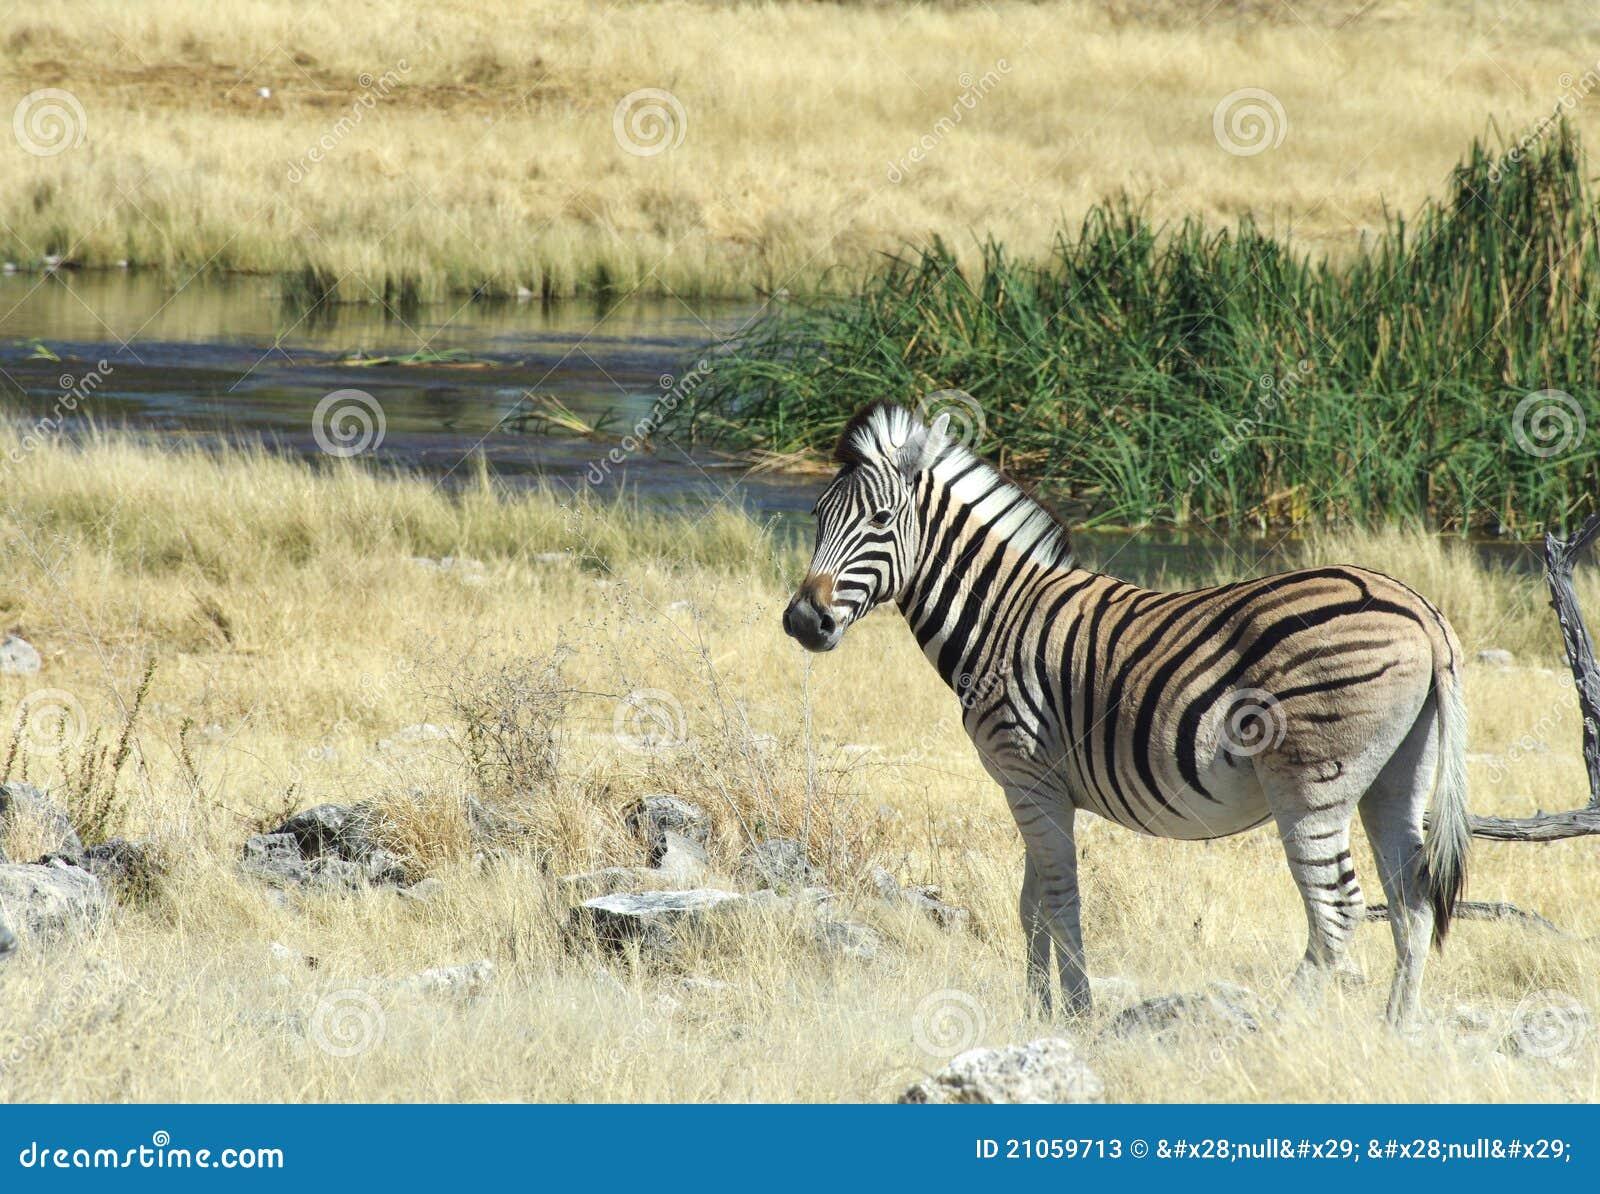 Waterhole zebra